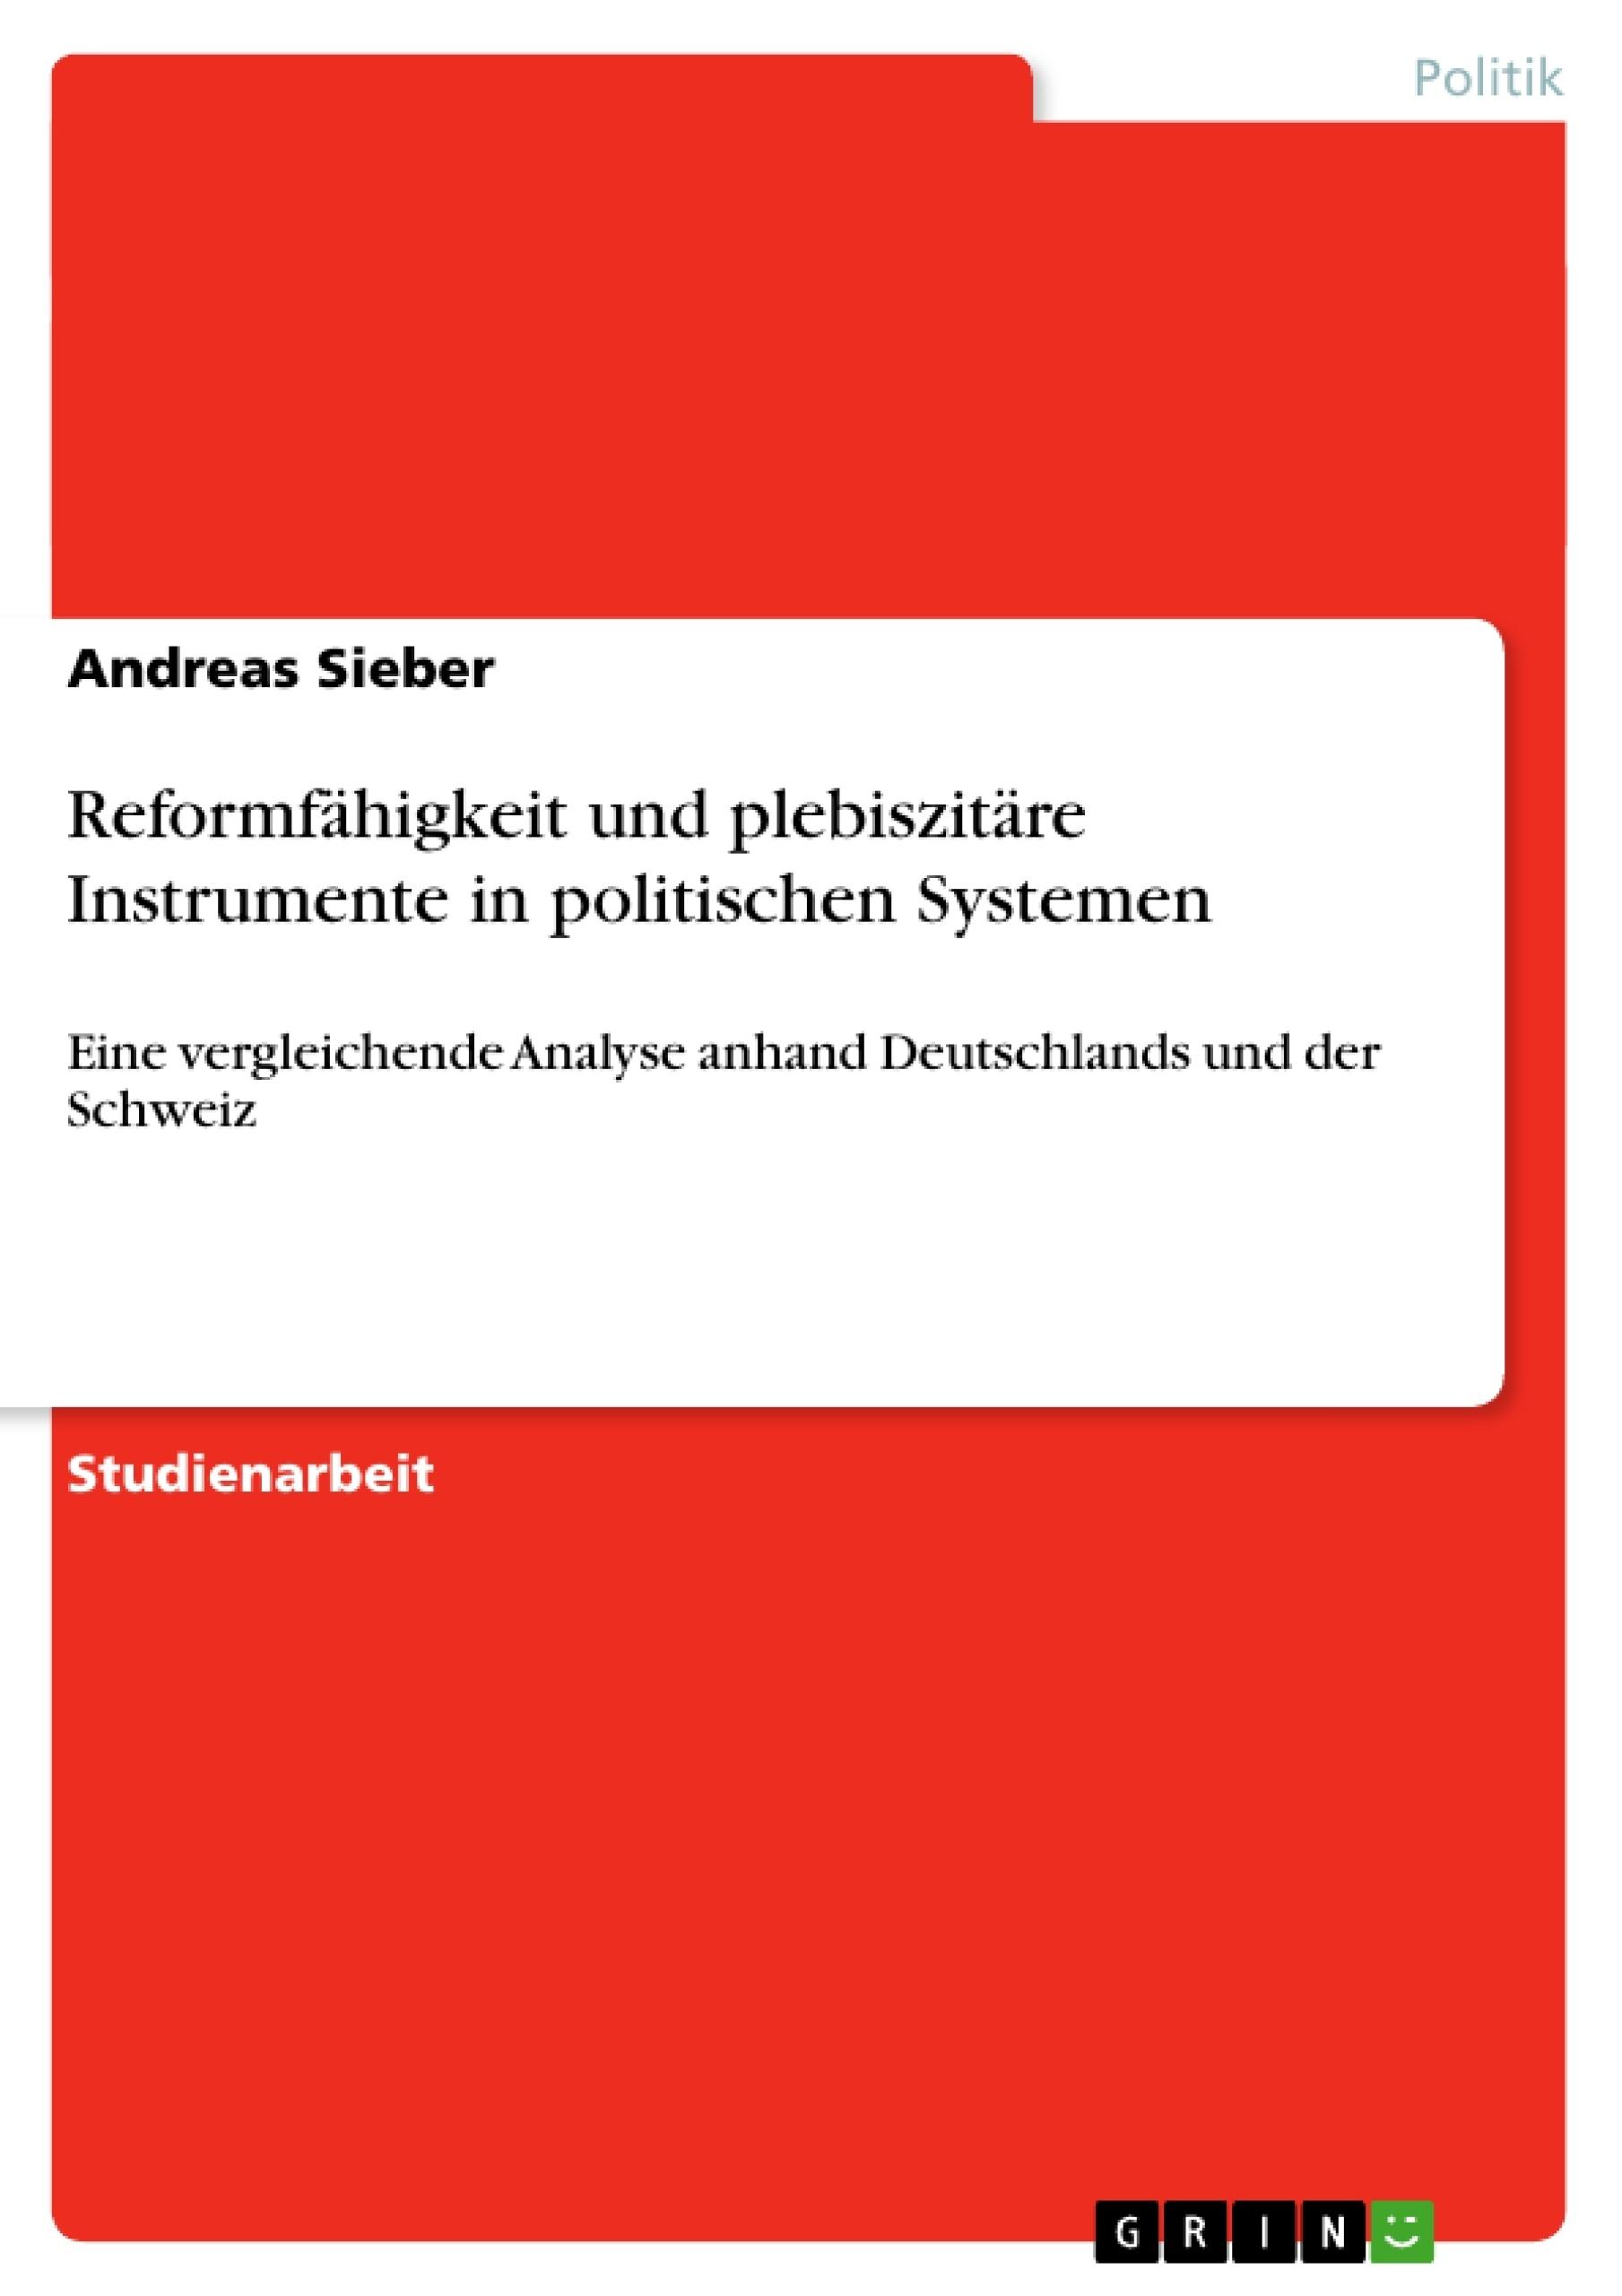 Titel: Reformfähigkeit und plebiszitäre Instrumente in politischen Systemen